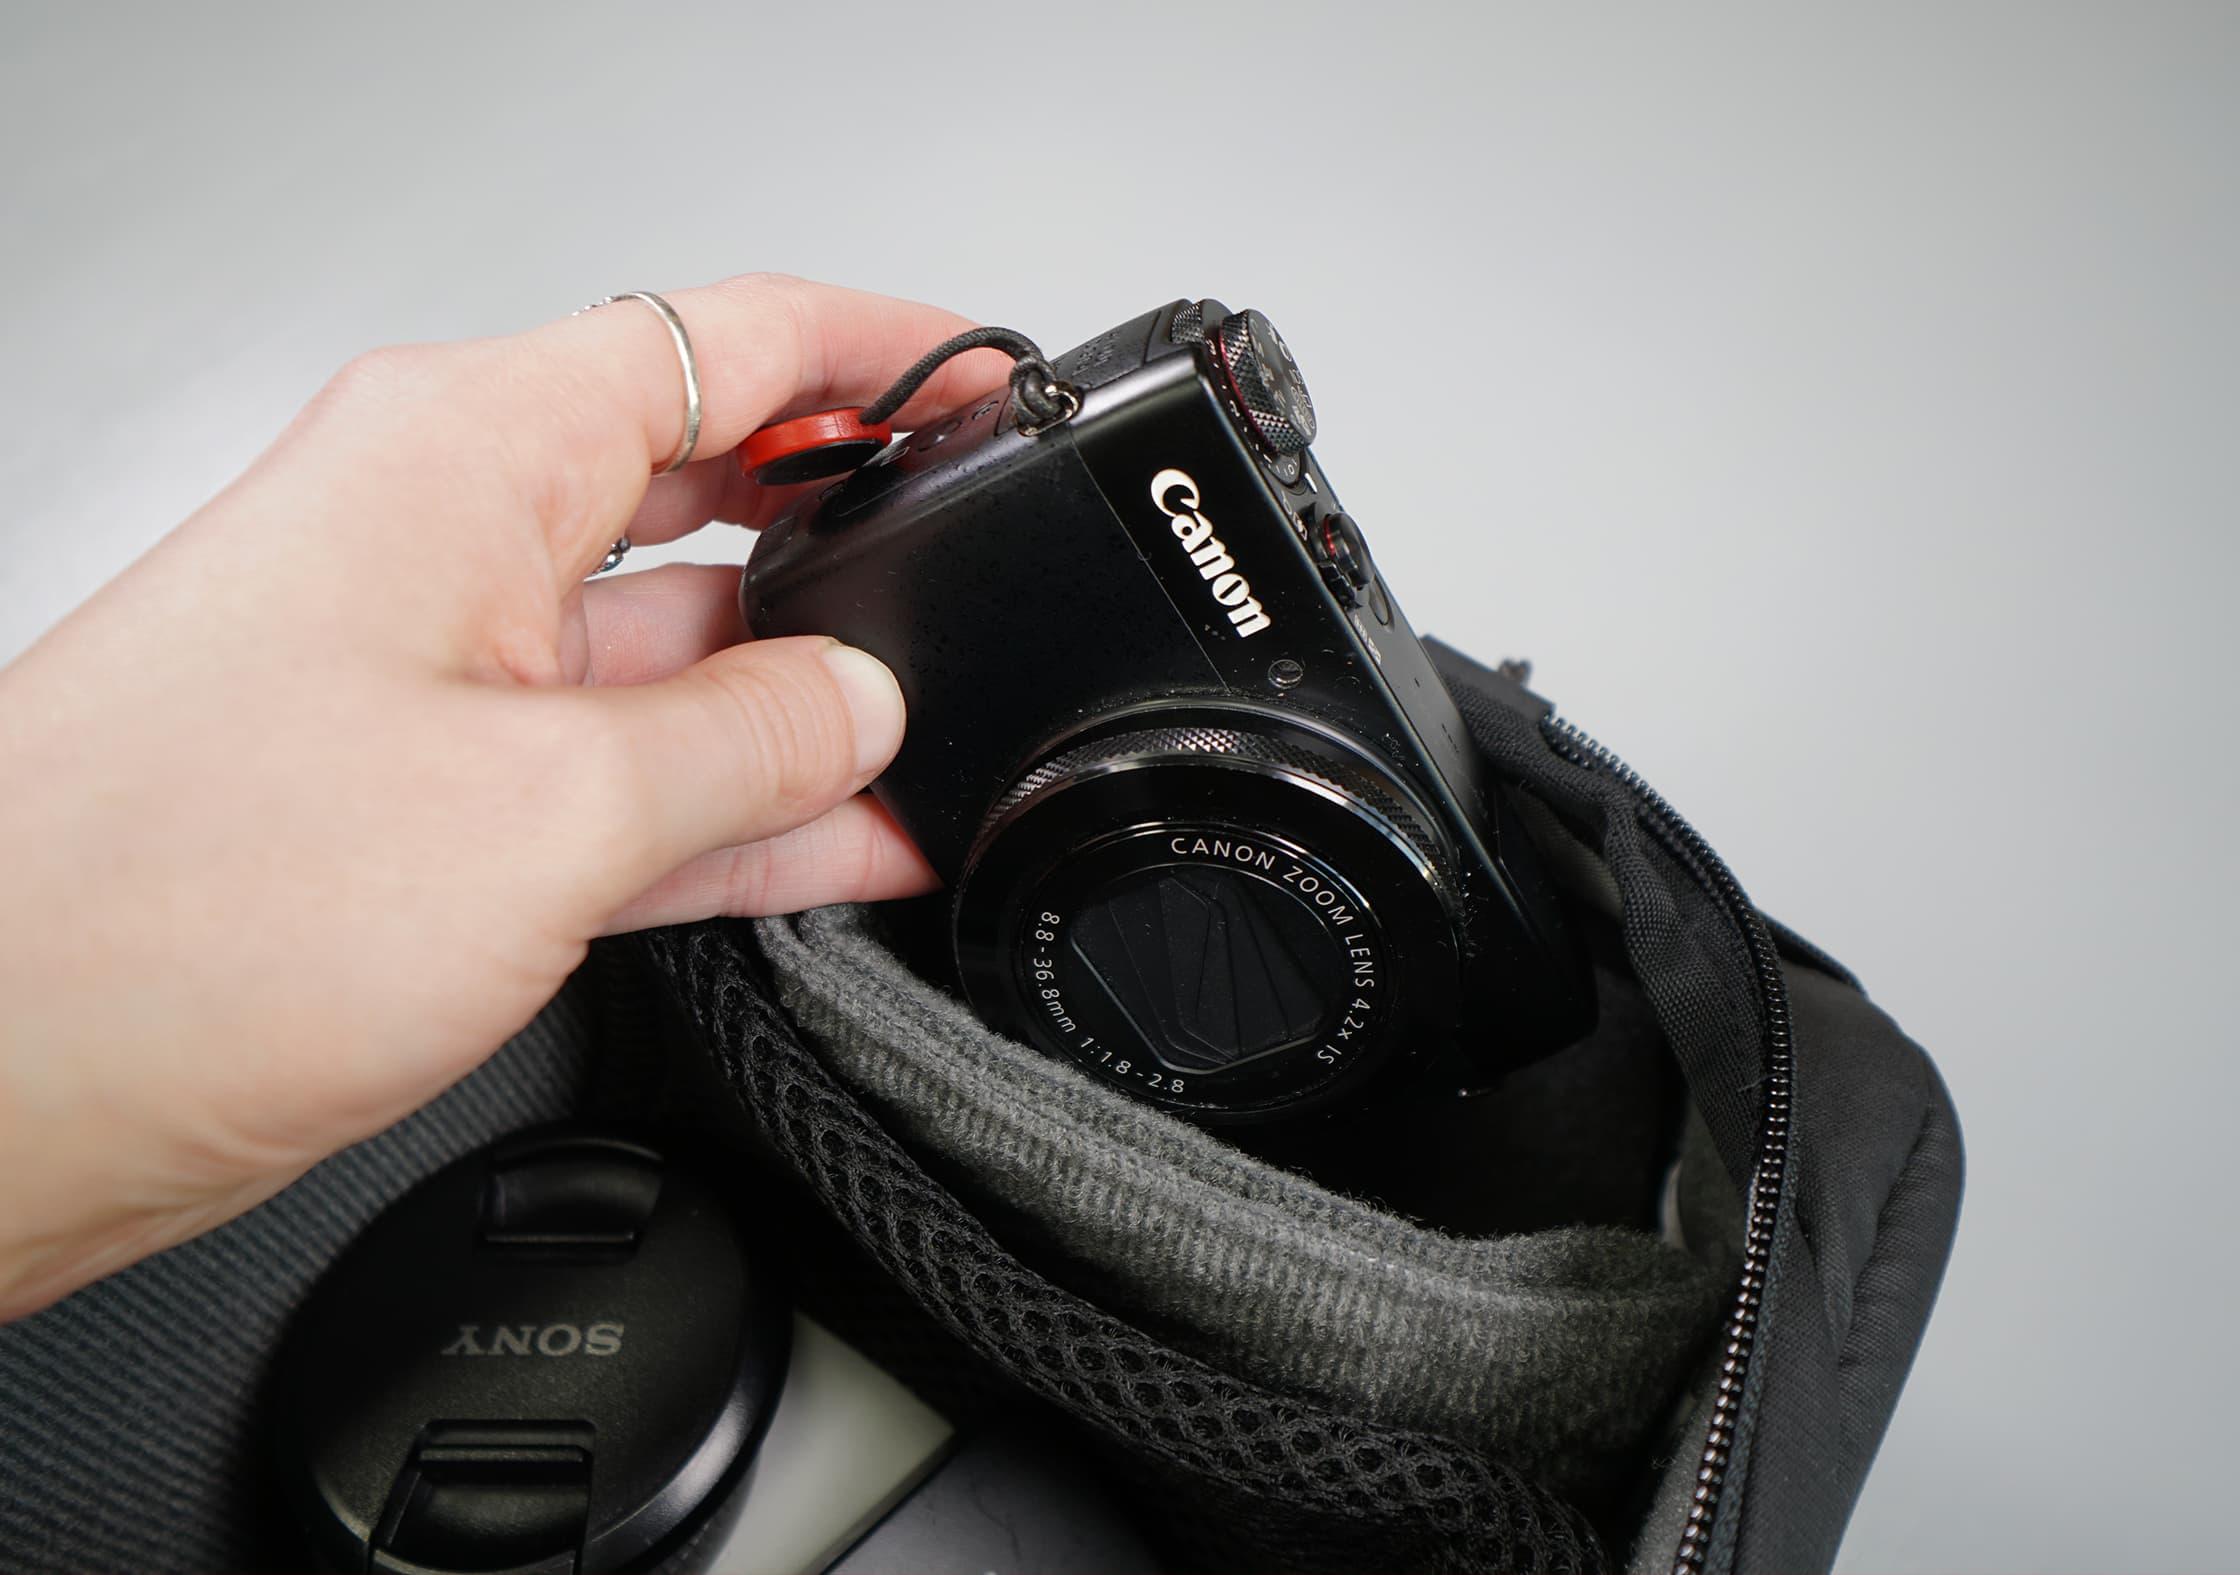 Peak Design Camera Cube In Use